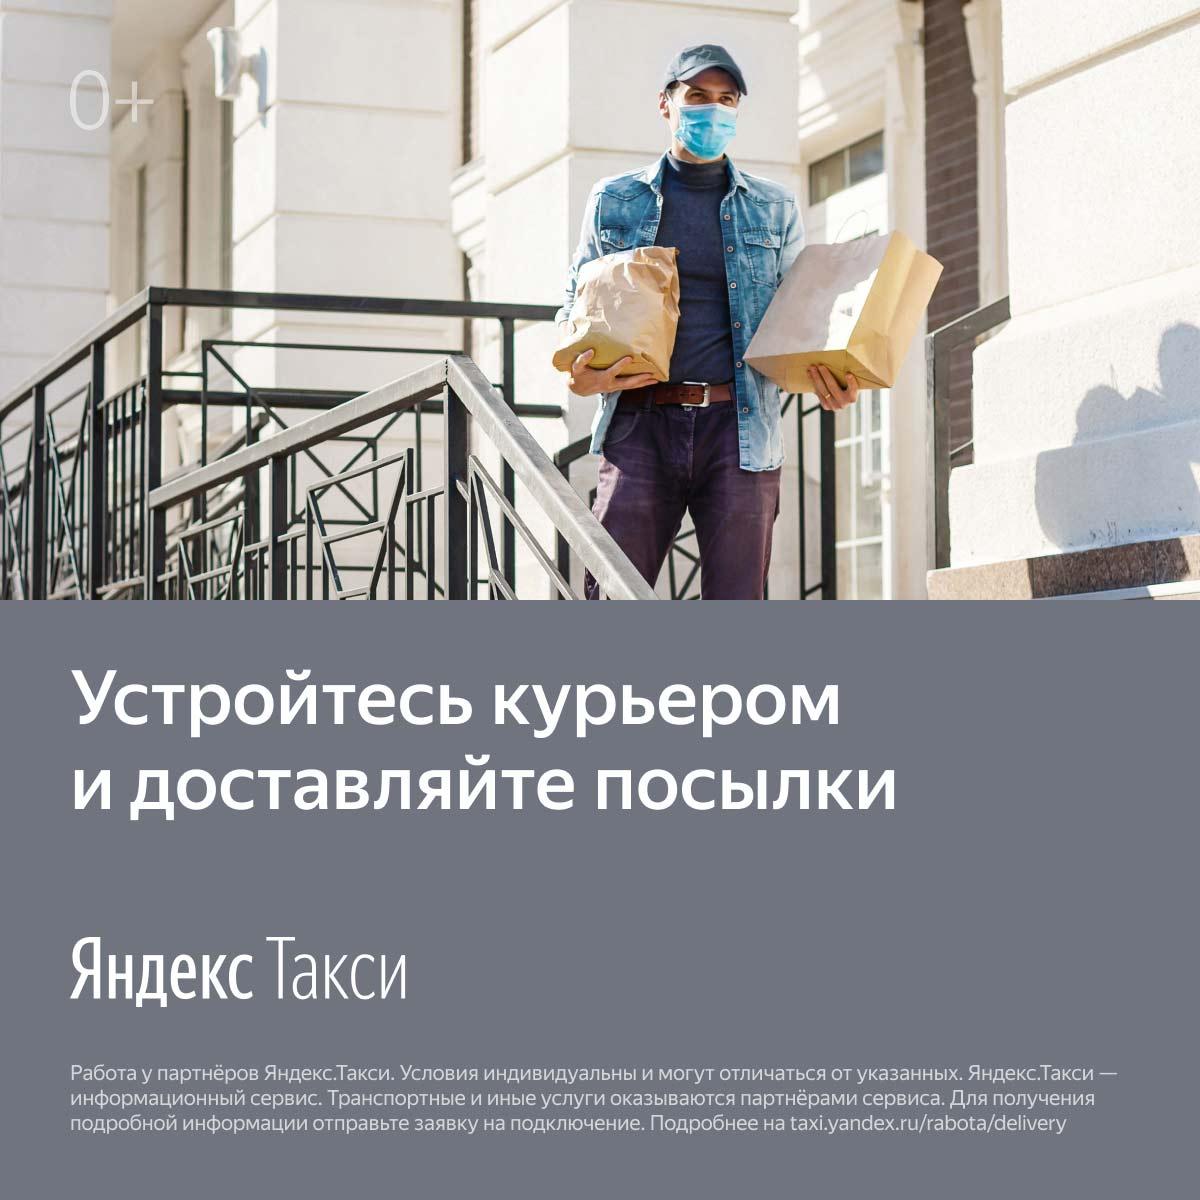 Курьеры Яндекс. Такси (посылки)